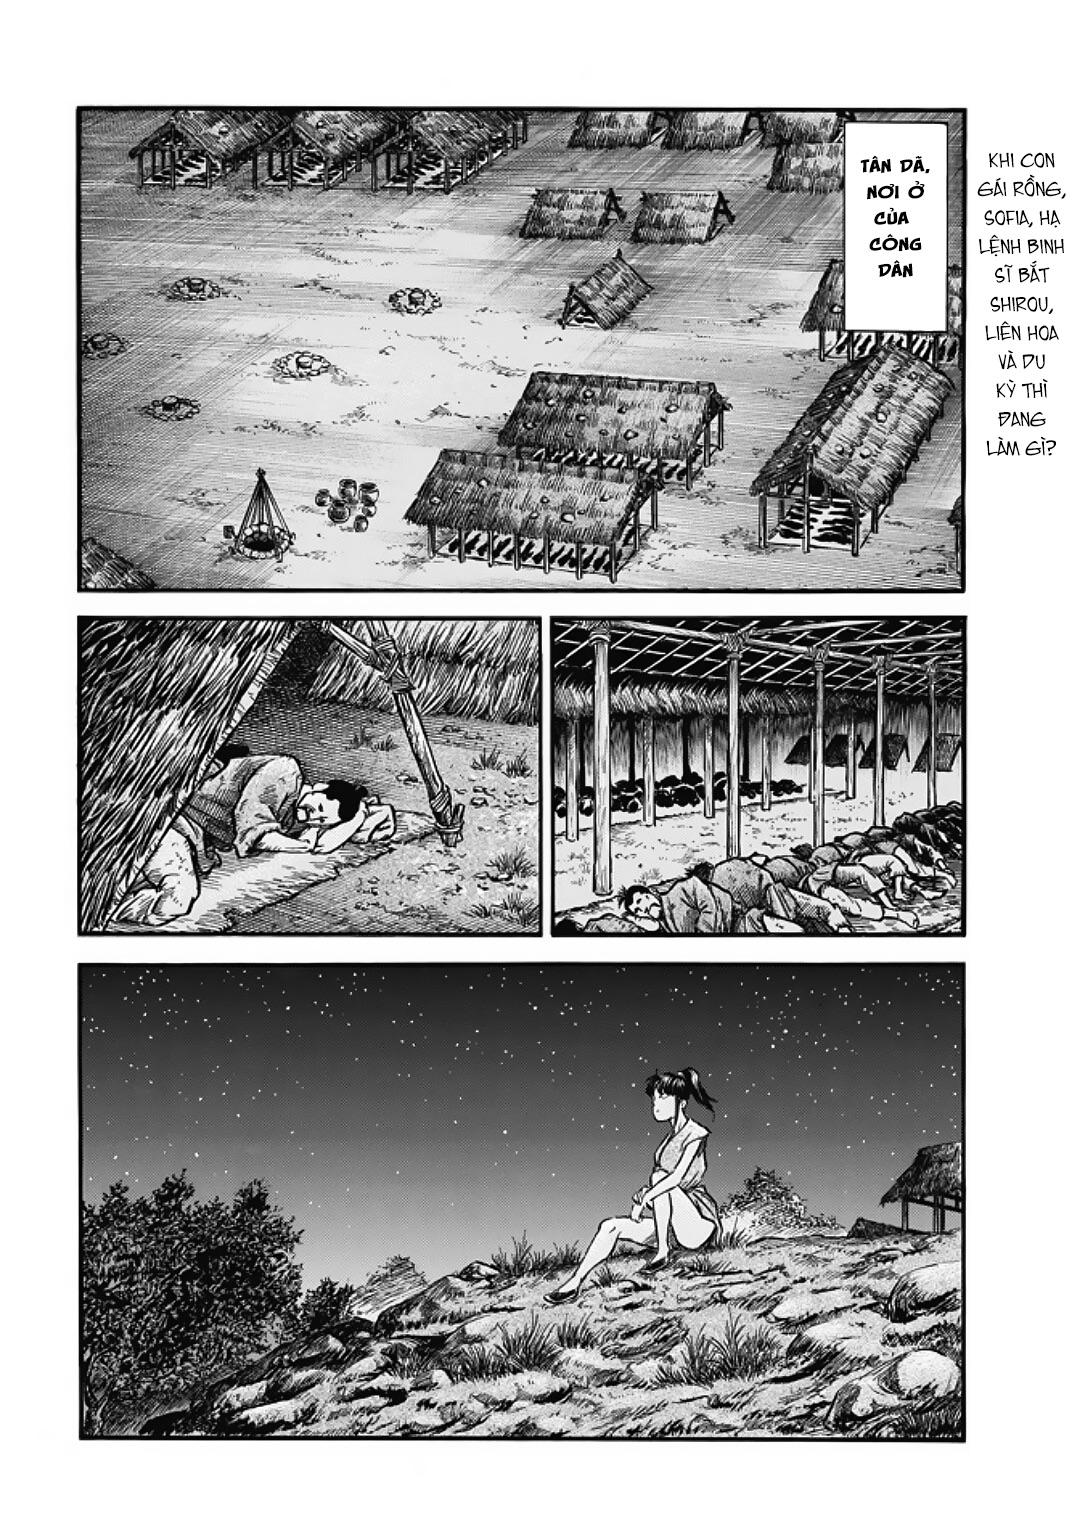 Chú Bé Rồng - Ryuuroden chap 281 - Trang 2